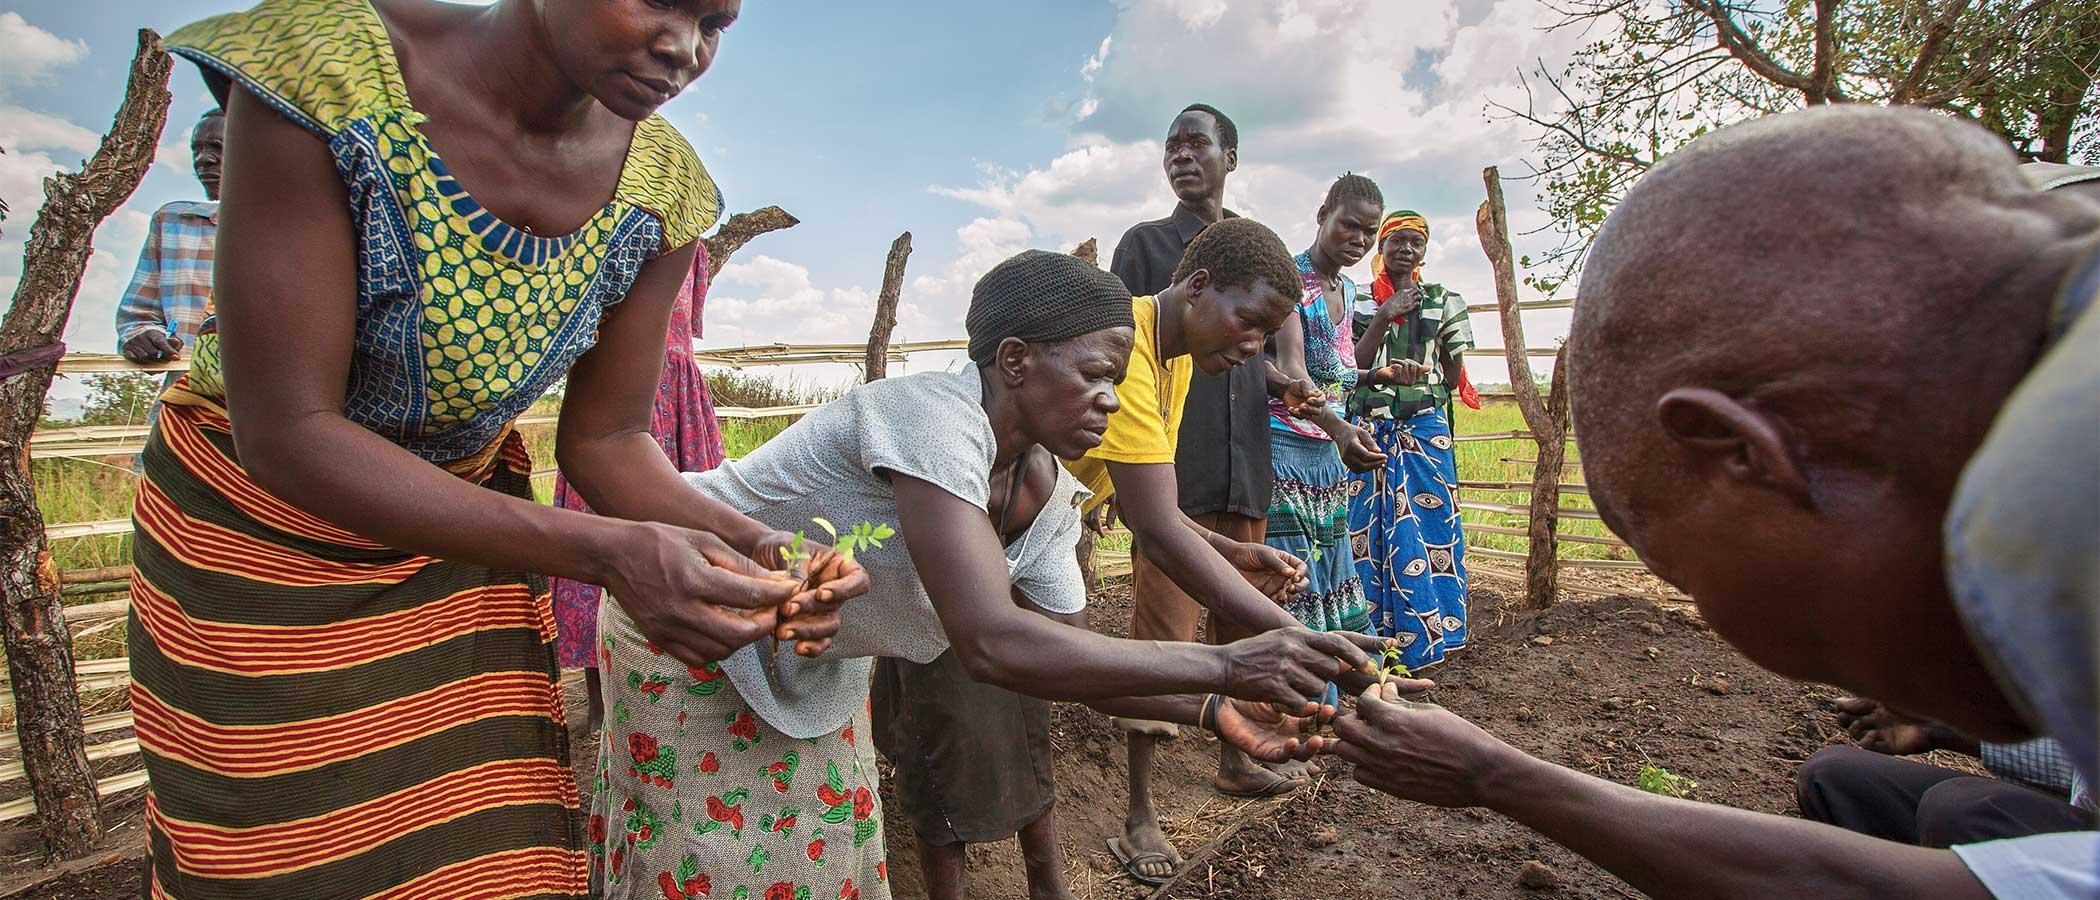 Uganda villagers learning permagardening.